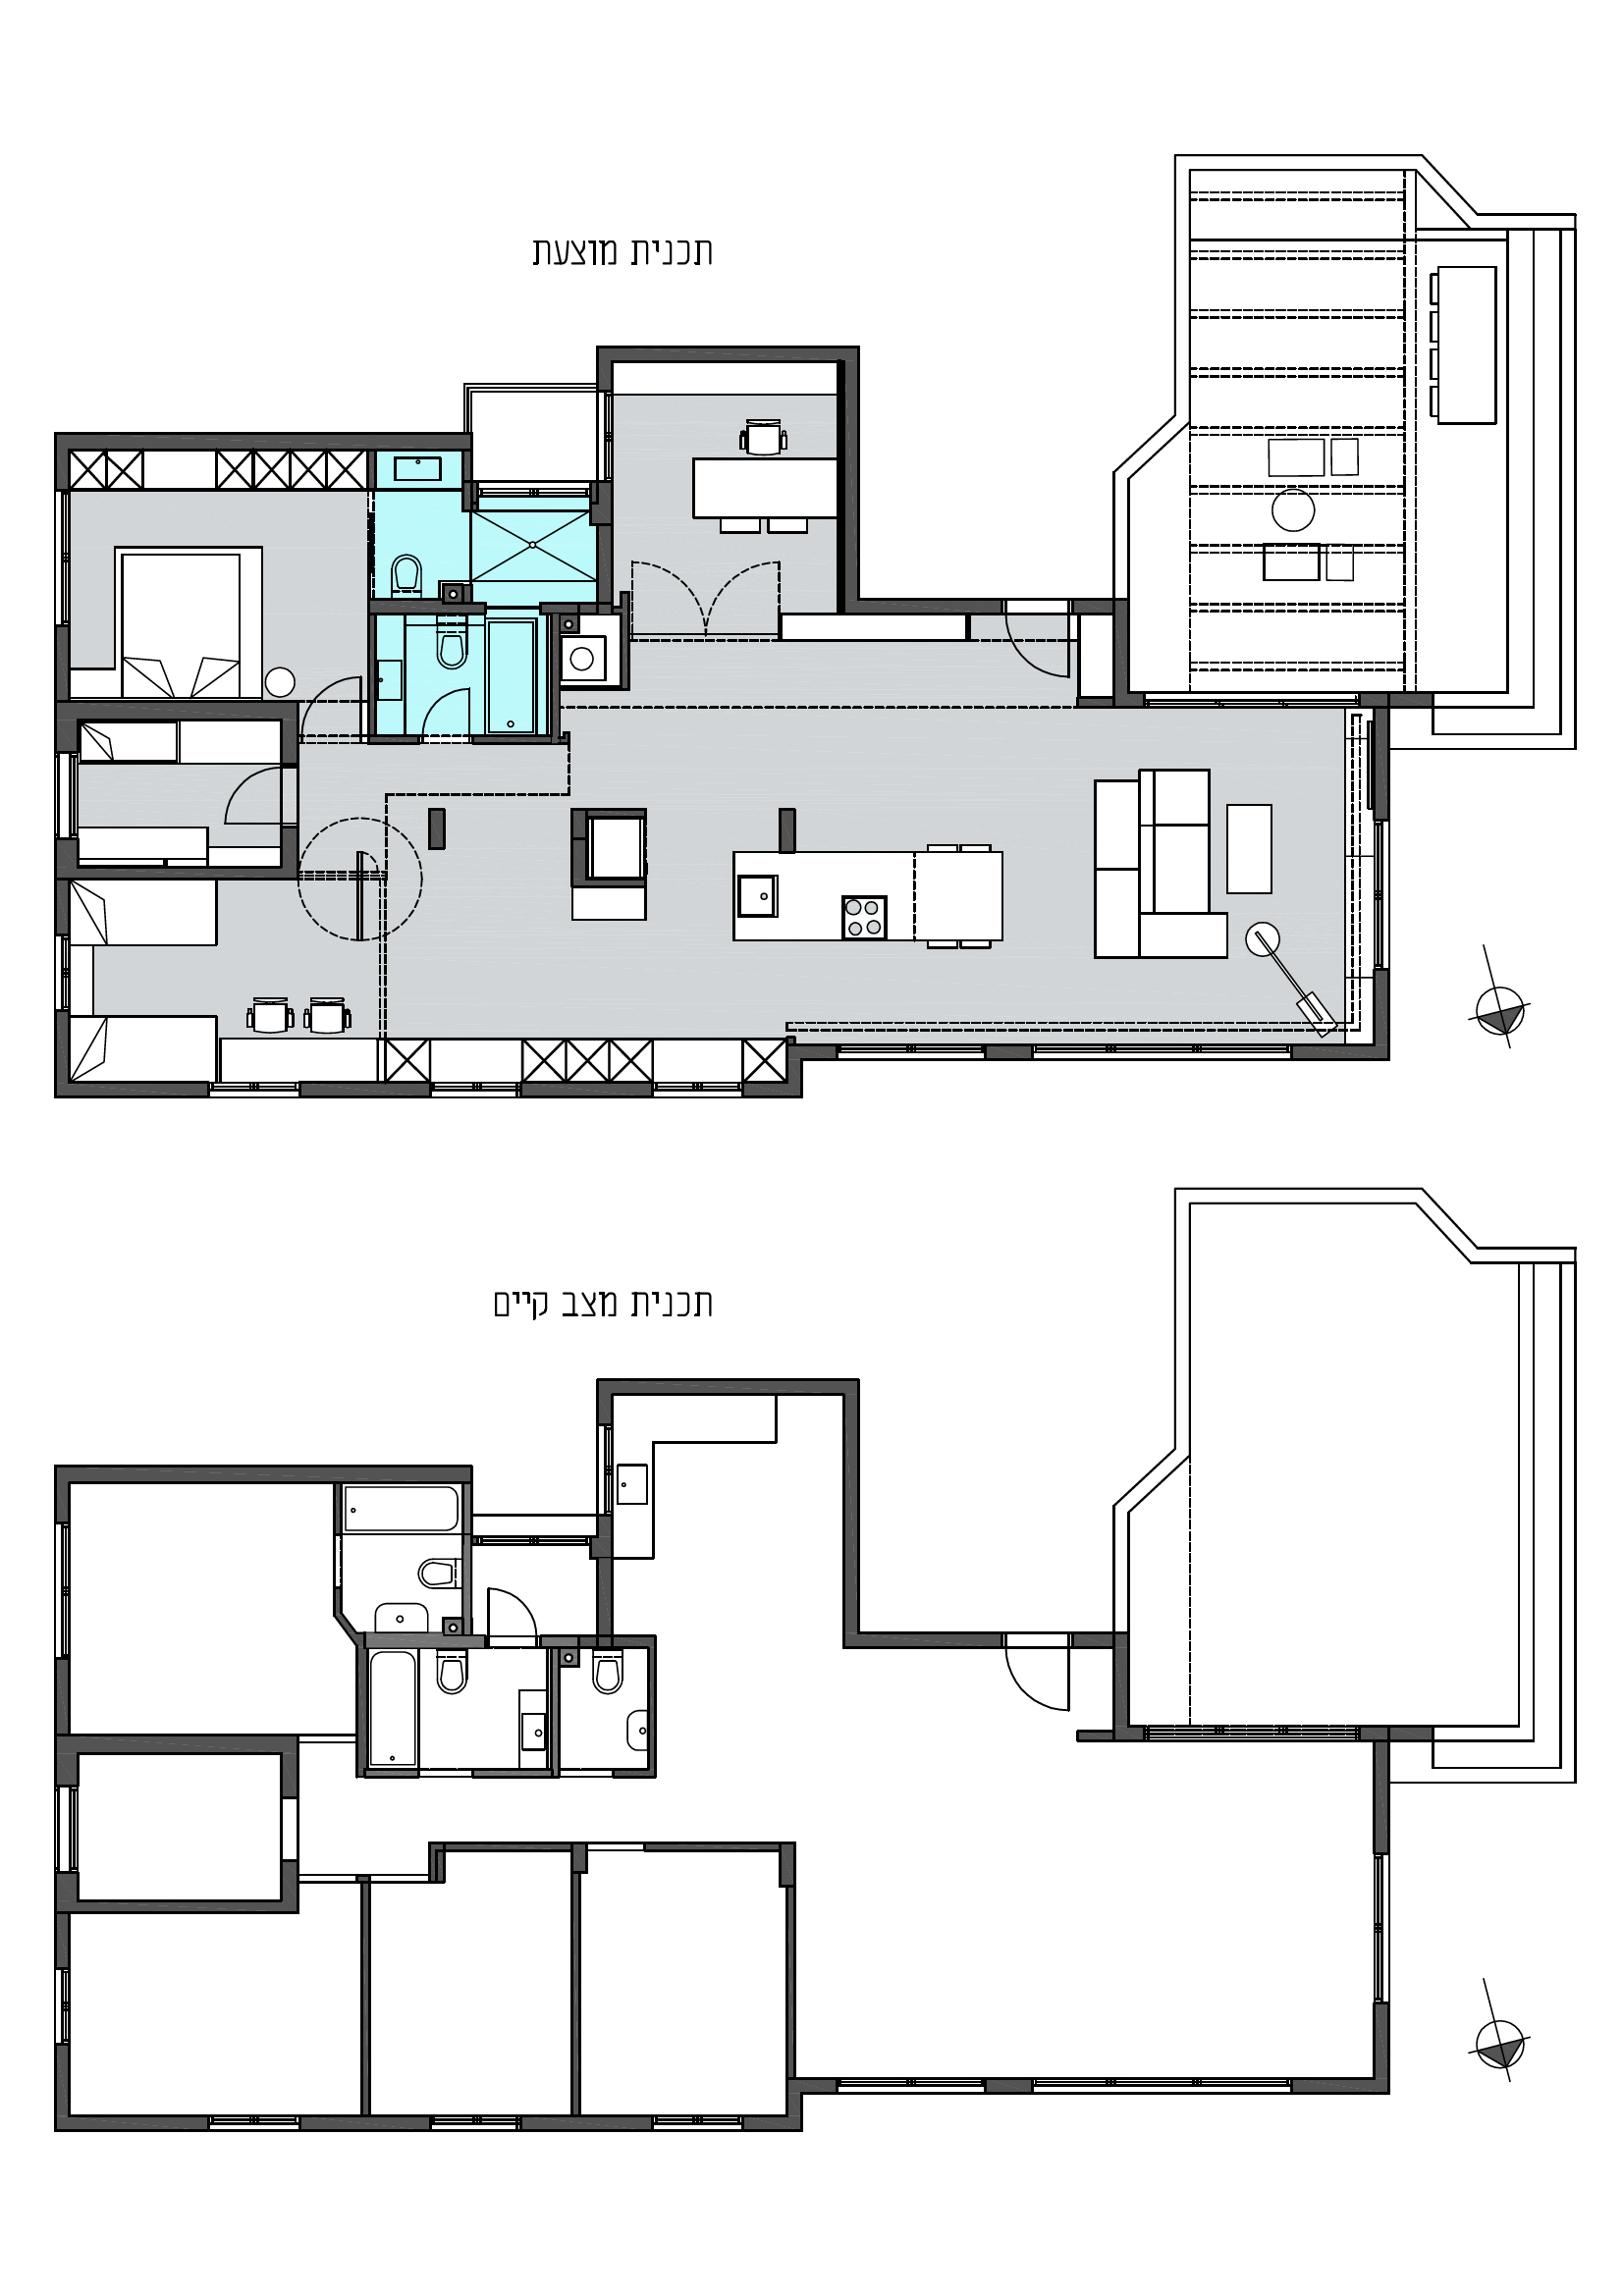 תכנית דירה-זיו קריכלי-נתניה